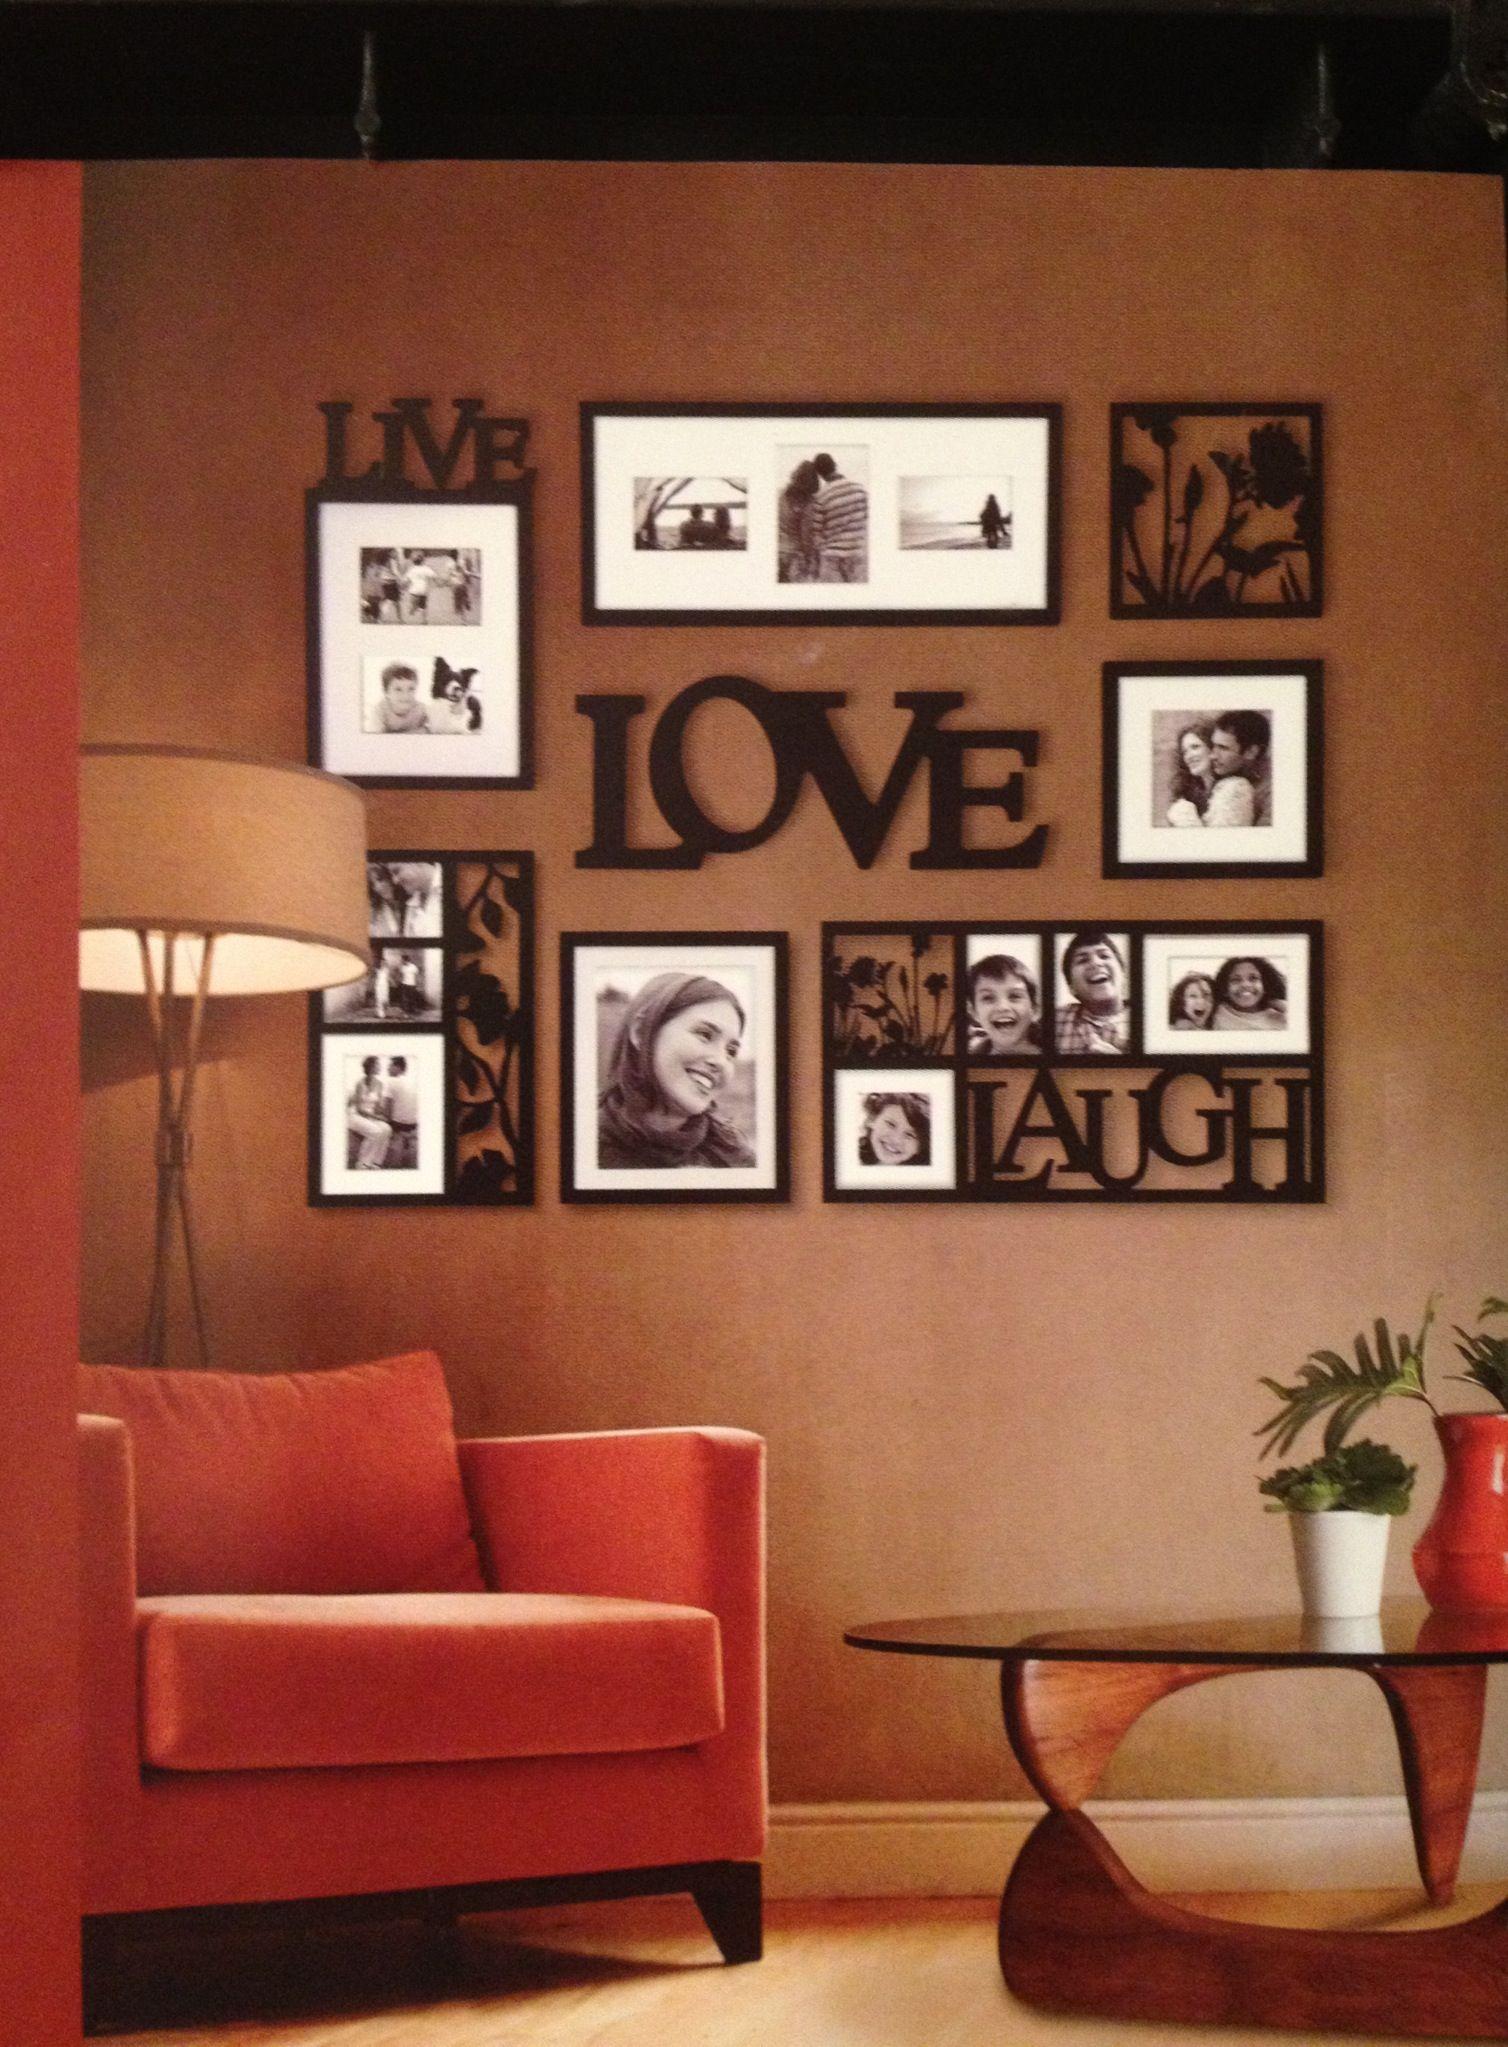 Para la sala | fotos ideas | Pinterest | Decoración, Hogar y Cuadro